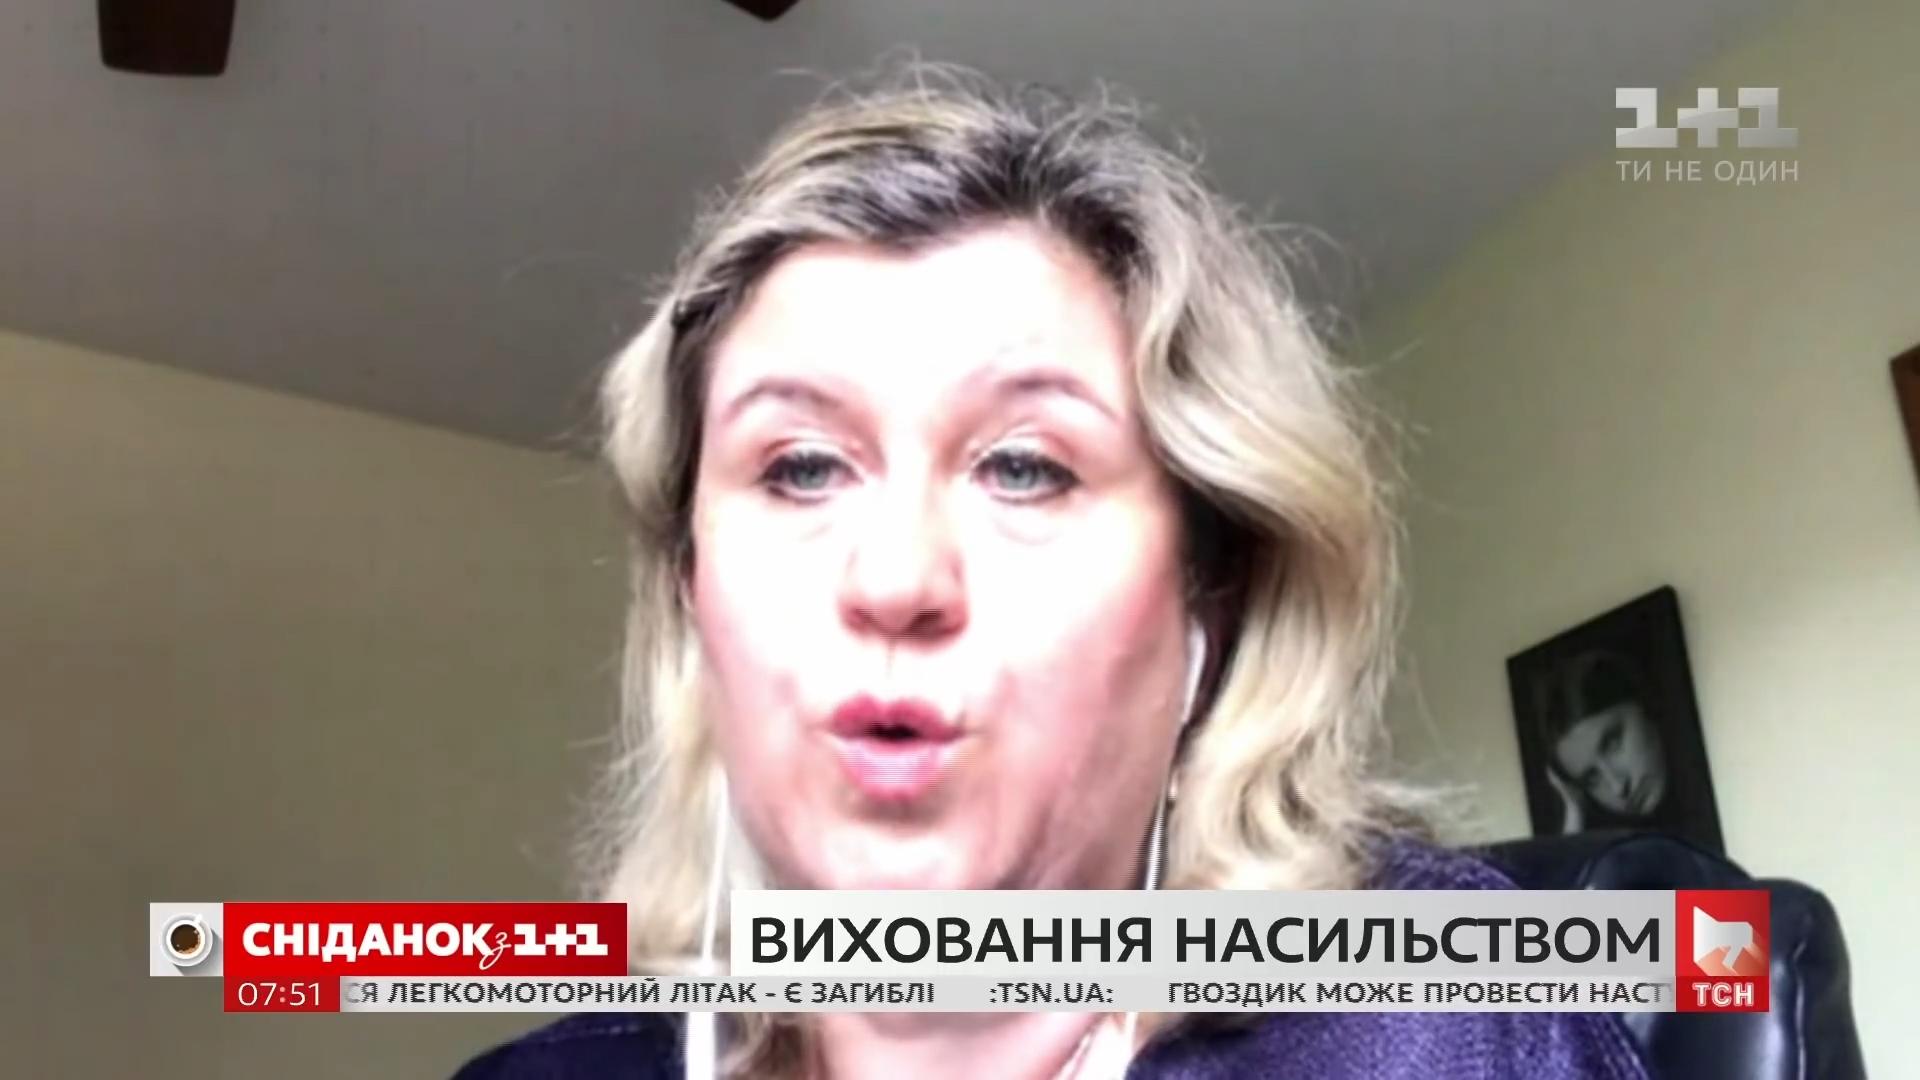 20190708_09-51-Что в Украине считается насилием над детьми и как ему противостоять - адвокат Олег Простибоженко-pic15